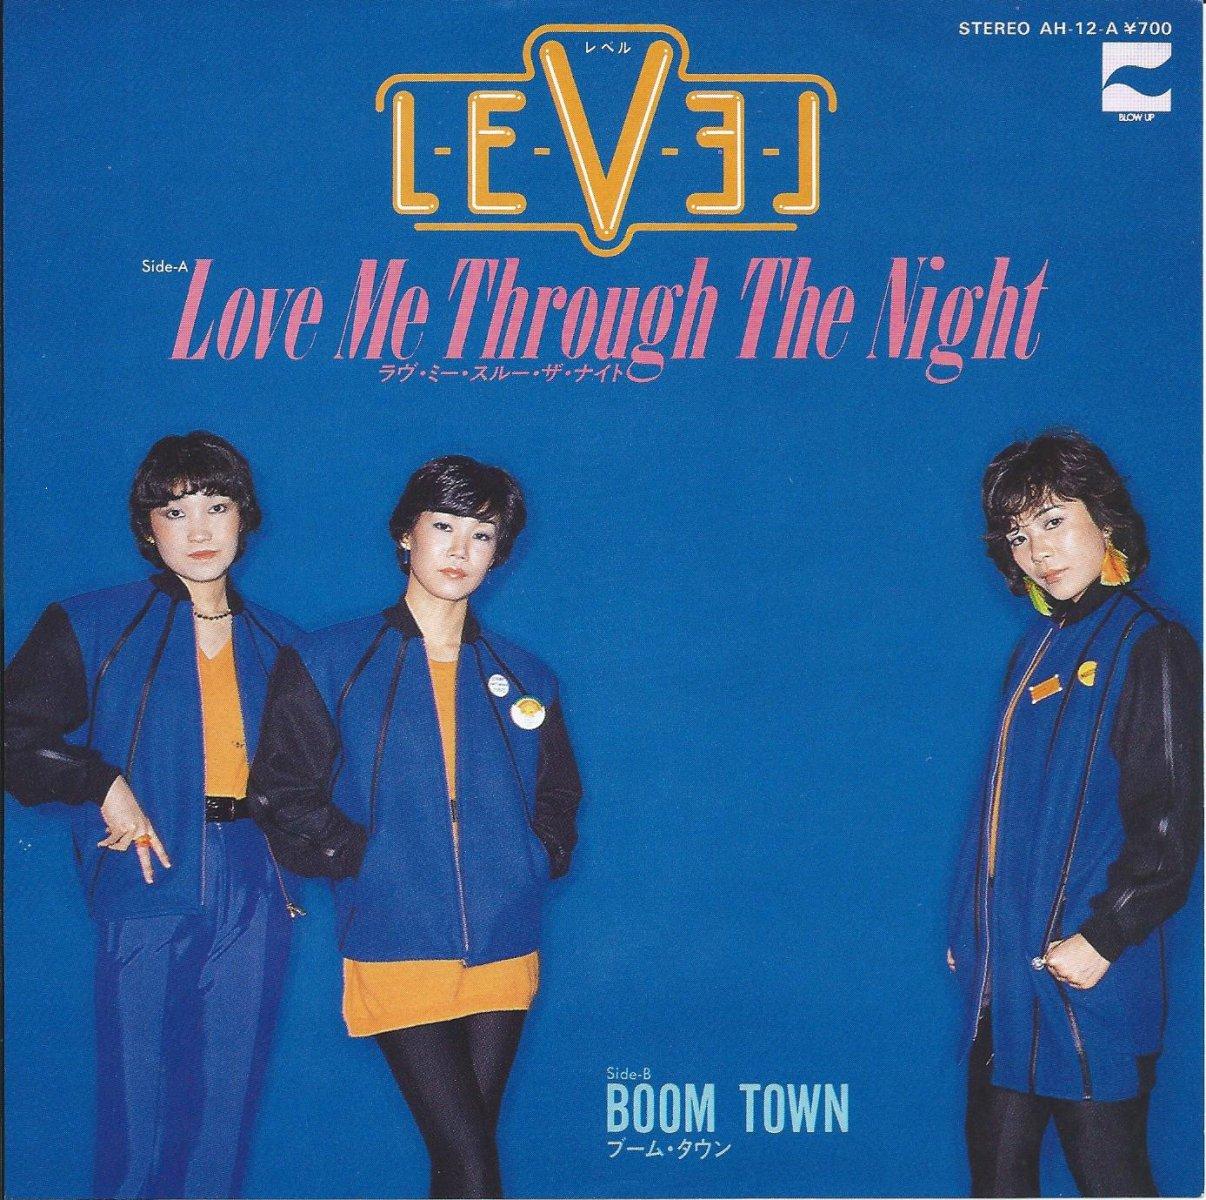 レベル L-E-V-E-L / ラヴ・ミー・スルー・ザ・ナイト LOVE ME THROUGH THE NIGHT (7